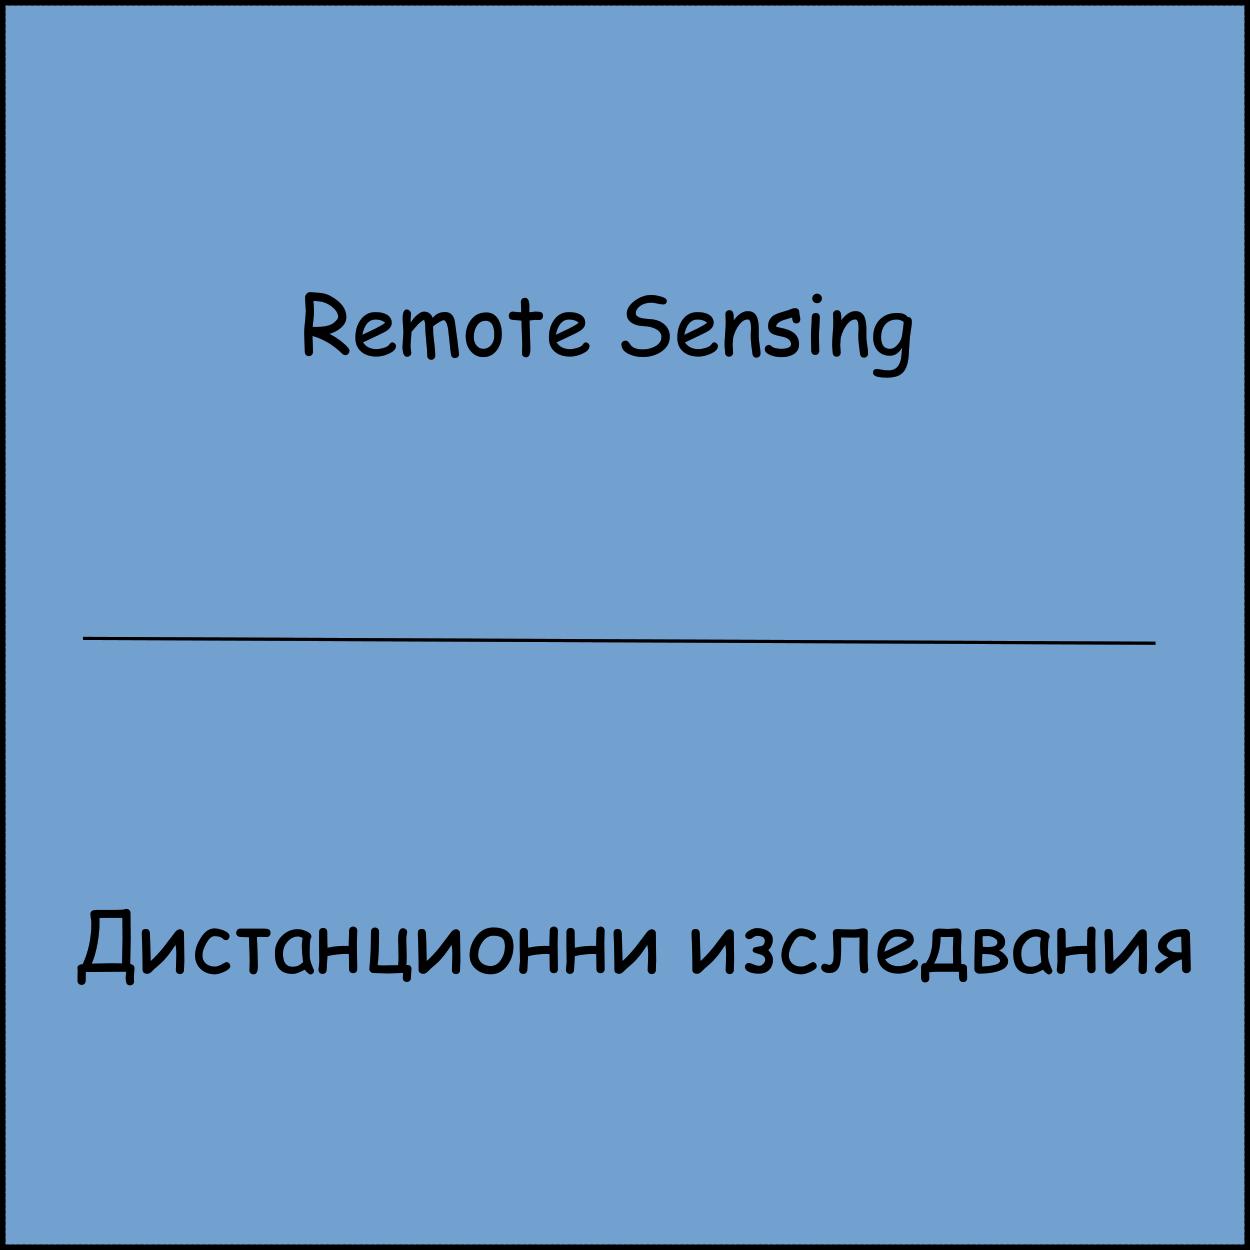 Remote Sensing / Дистанционни изследвания